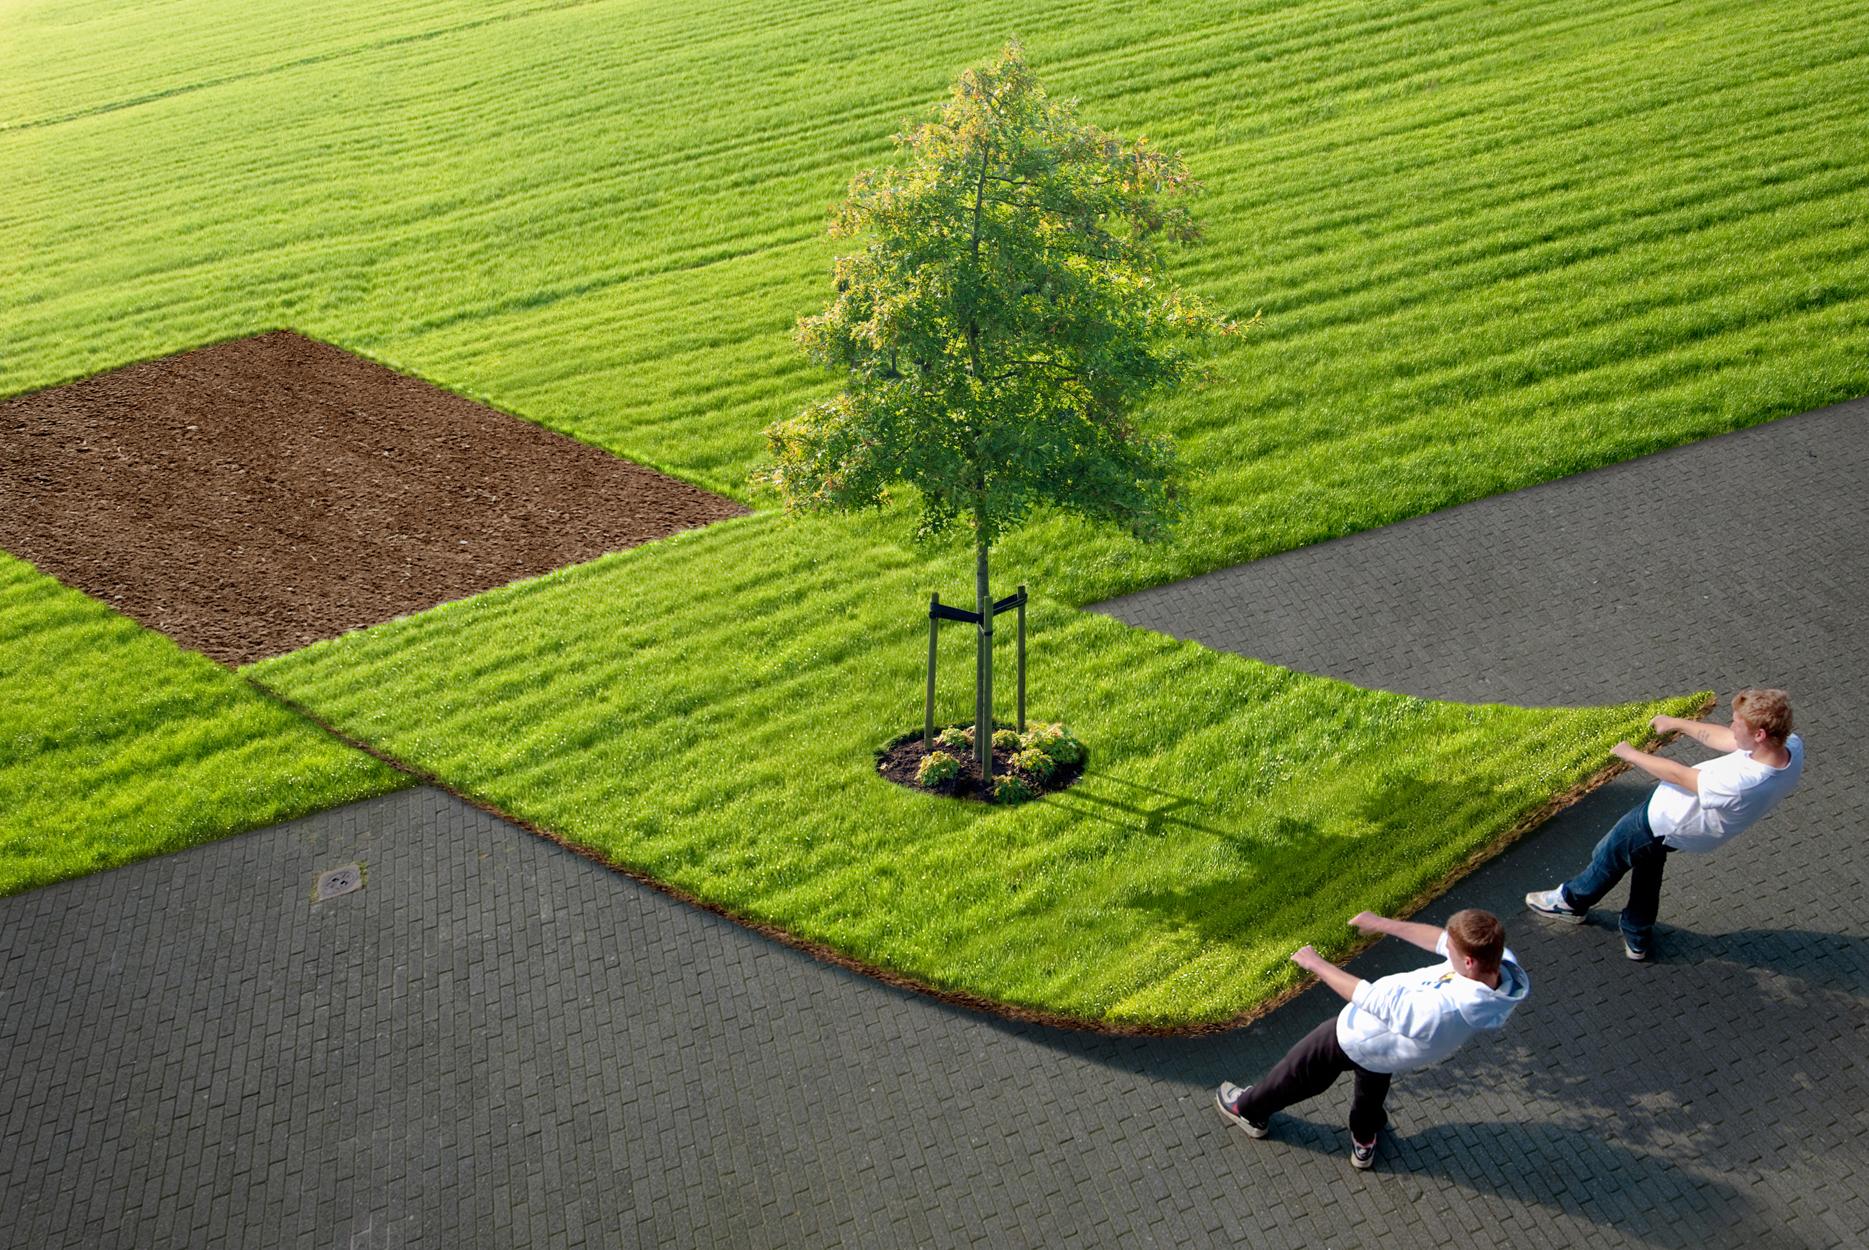 foto van twee mannen die een afgesneden strook gras met een boom erop opzij trekken door Theo de Witte